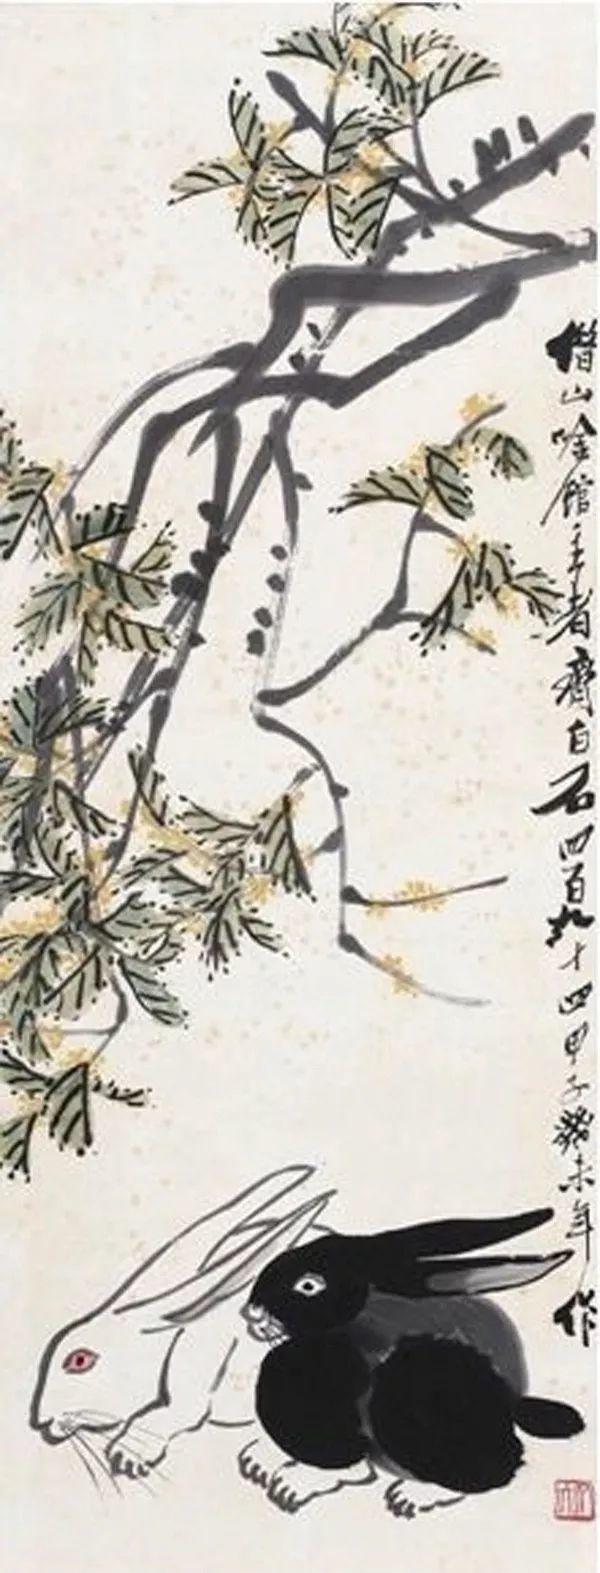 【网络中国节·中秋】但闻桂子香,人好月婵娟